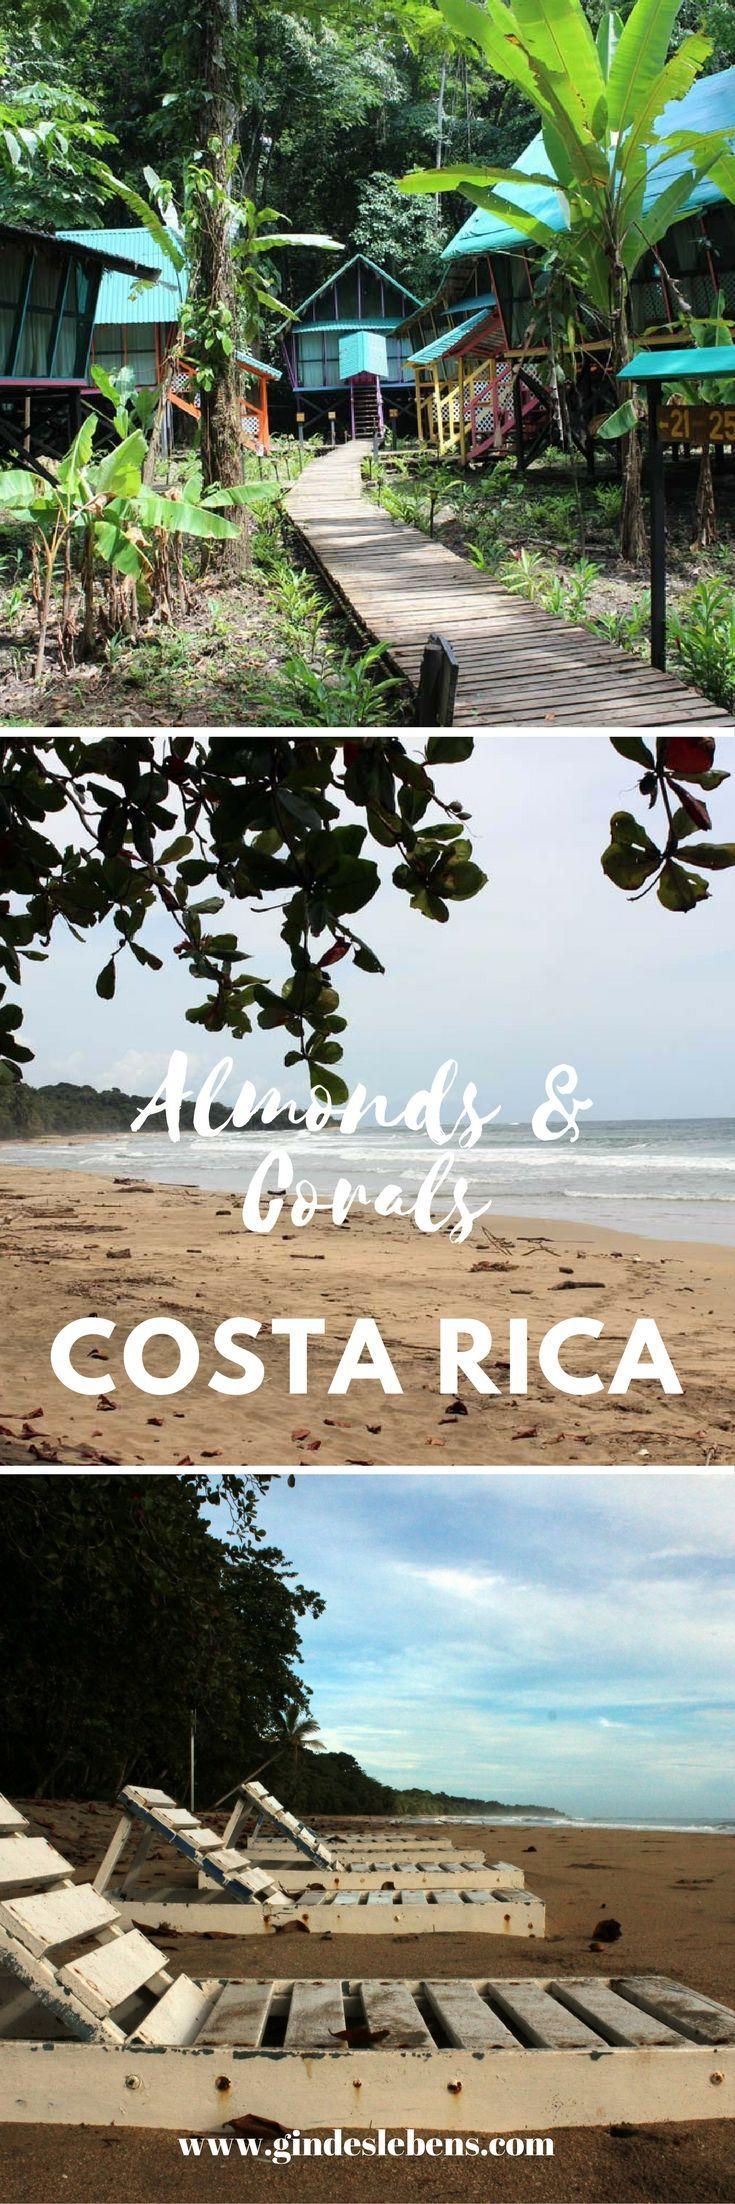 Das Almonds & Corals befindet sich mitten im Dschungel Costa Ricas. Keine Wände, dafür Whirlpool und Himmelbett. Abends schläft man mit den Geräuschen des Dschungels ein. Morgens wird man von den Brüllaffen geweckt... Wir treffen den Besitzer Marco Odio und unterhalten uns mit ihm über die Anlage, die Tierwelt, die Karibikküste und das Wetter in der Regenzeit. www.gindeslebens.com #AlmondsandCorals #Hoteltipp #CostaRica #Dschungel